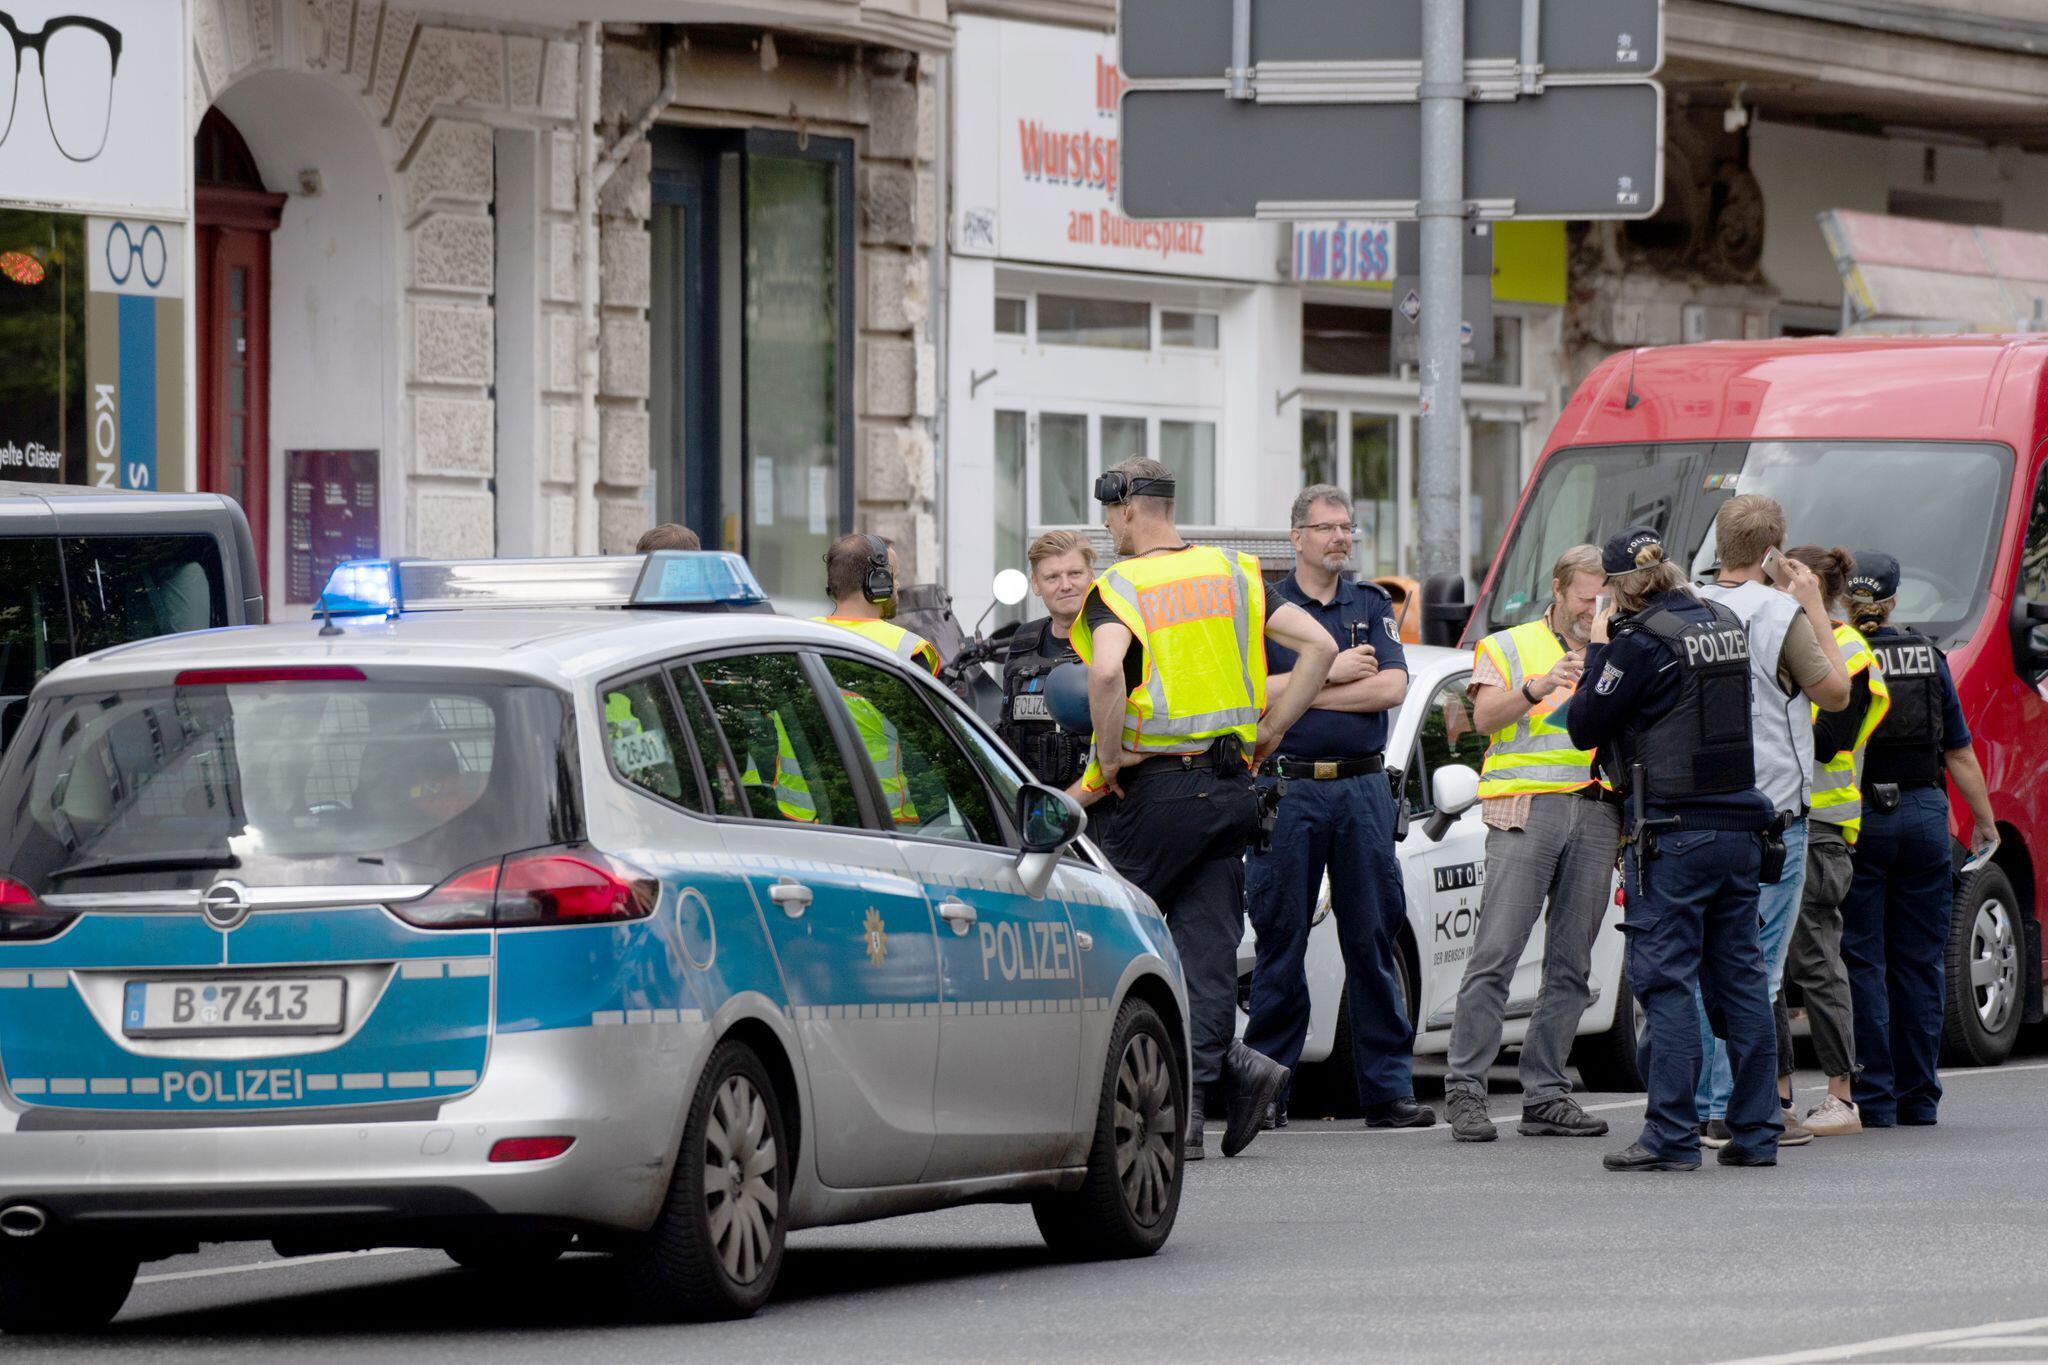 Feuerwehr: Geldtransporter in Wilmersdorf brannte